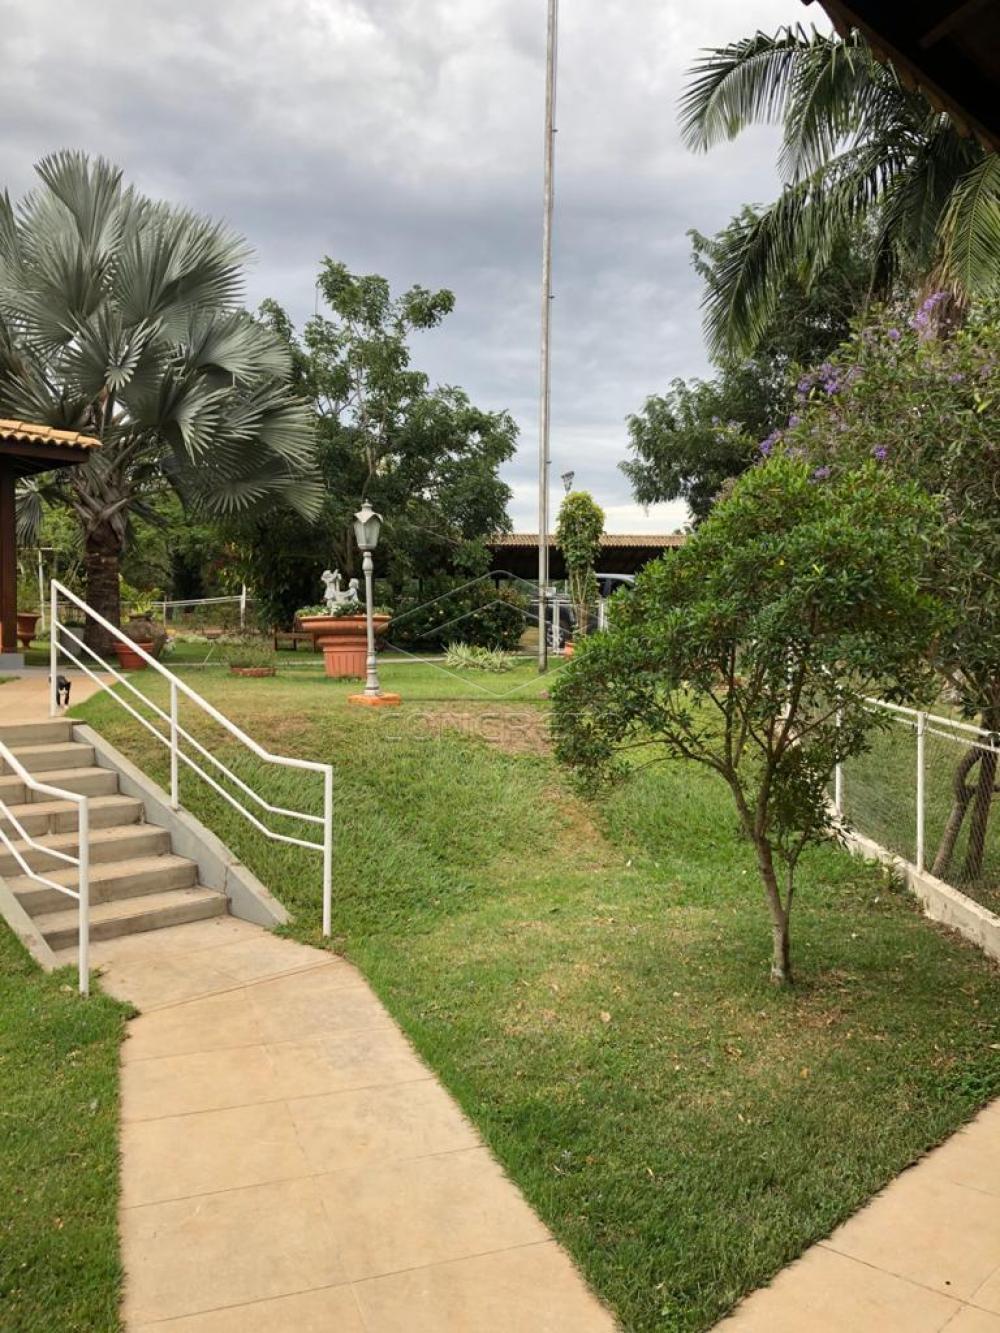 Comprar Rural / Chácara / Fazenda em Duartina apenas R$ 13.000.000,00 - Foto 4